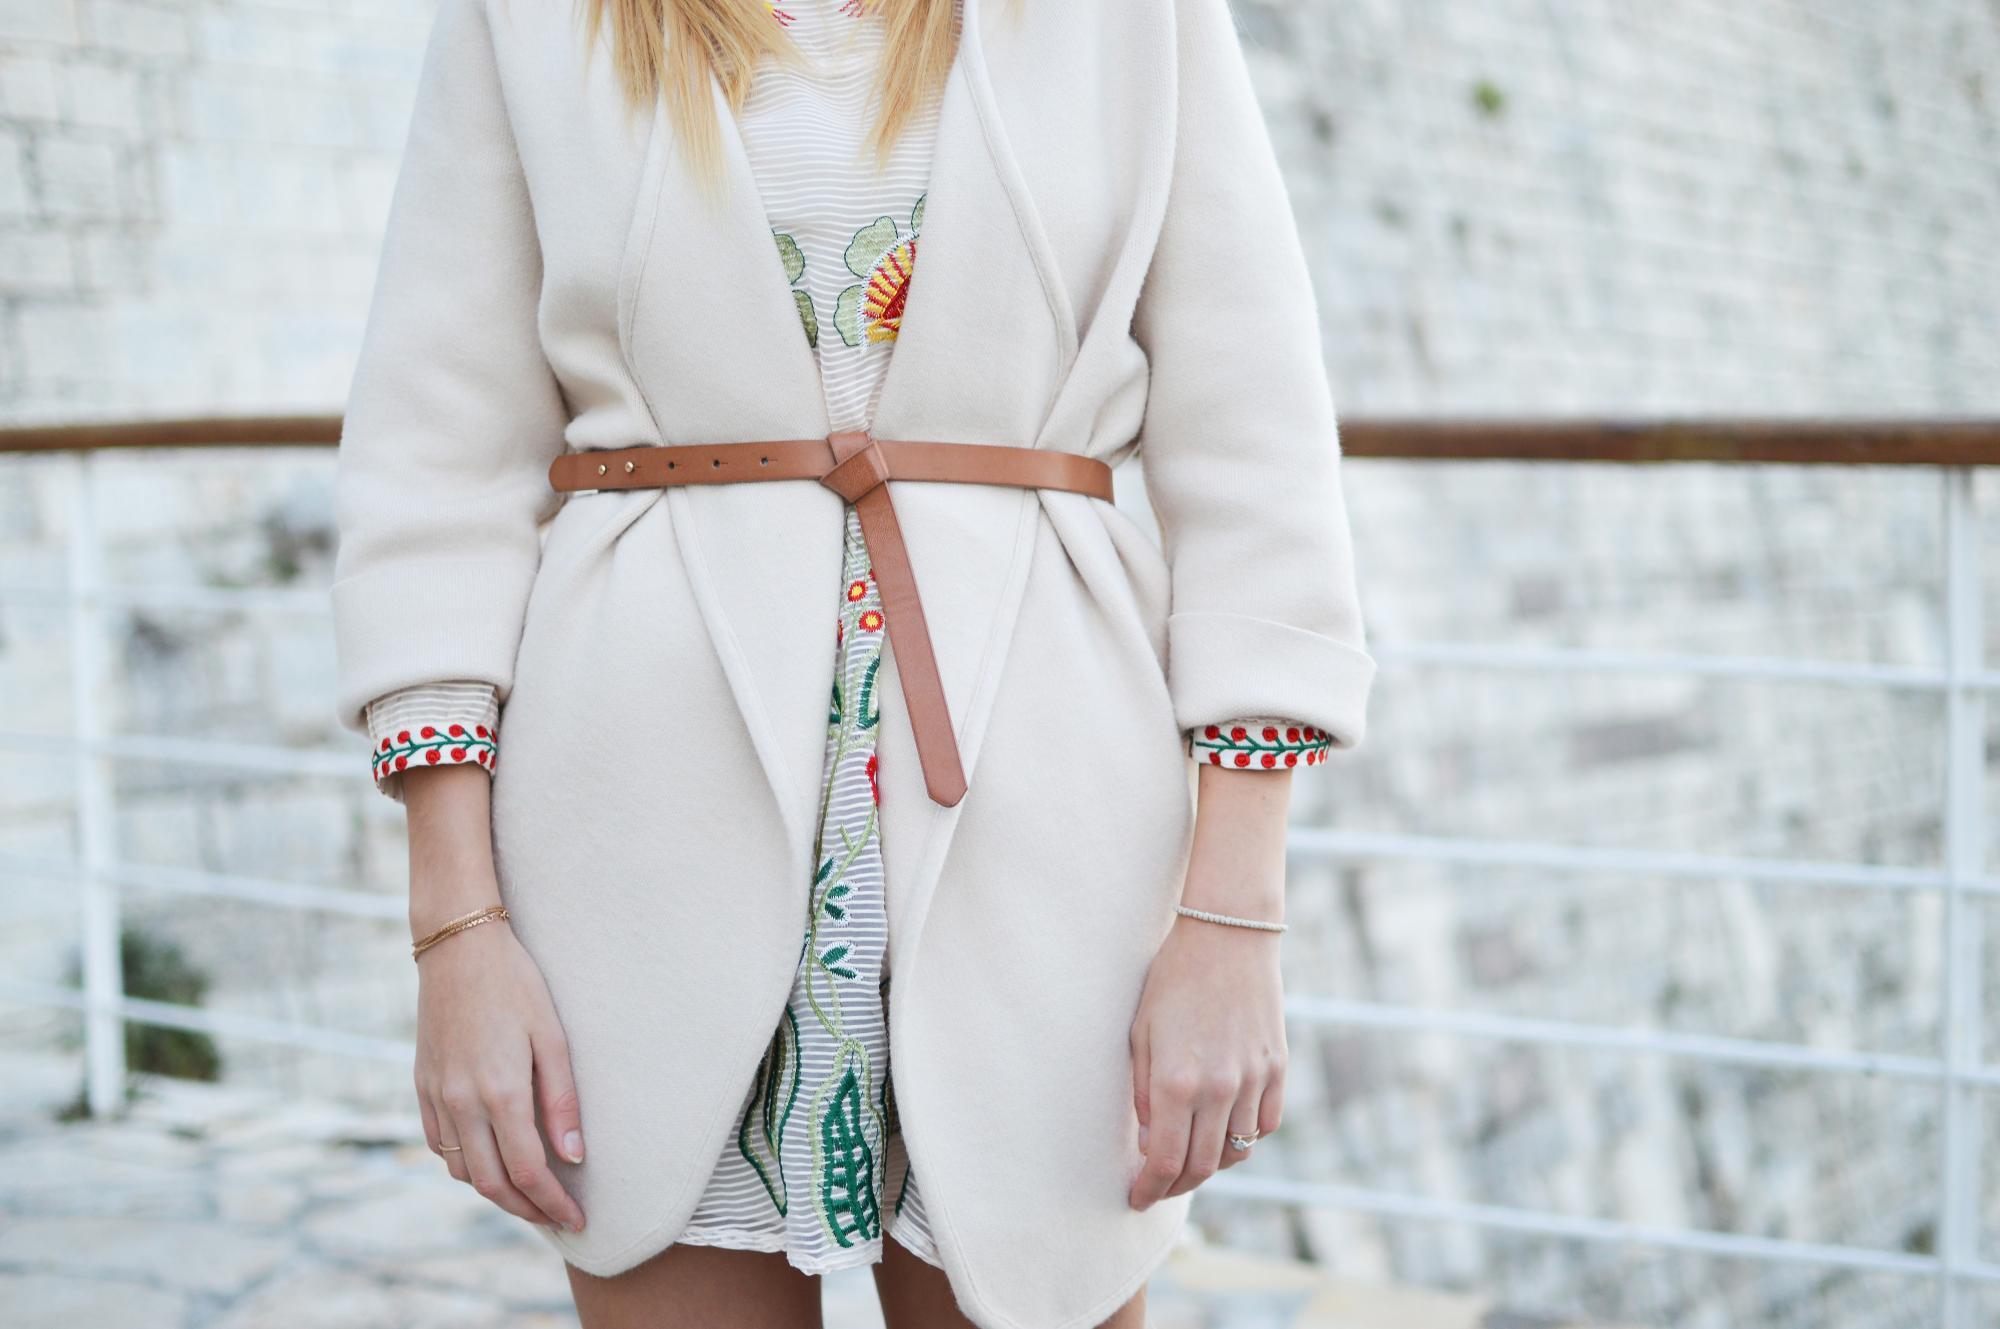 Модні тенденції: 4 варіанти, з чим носити кардиган